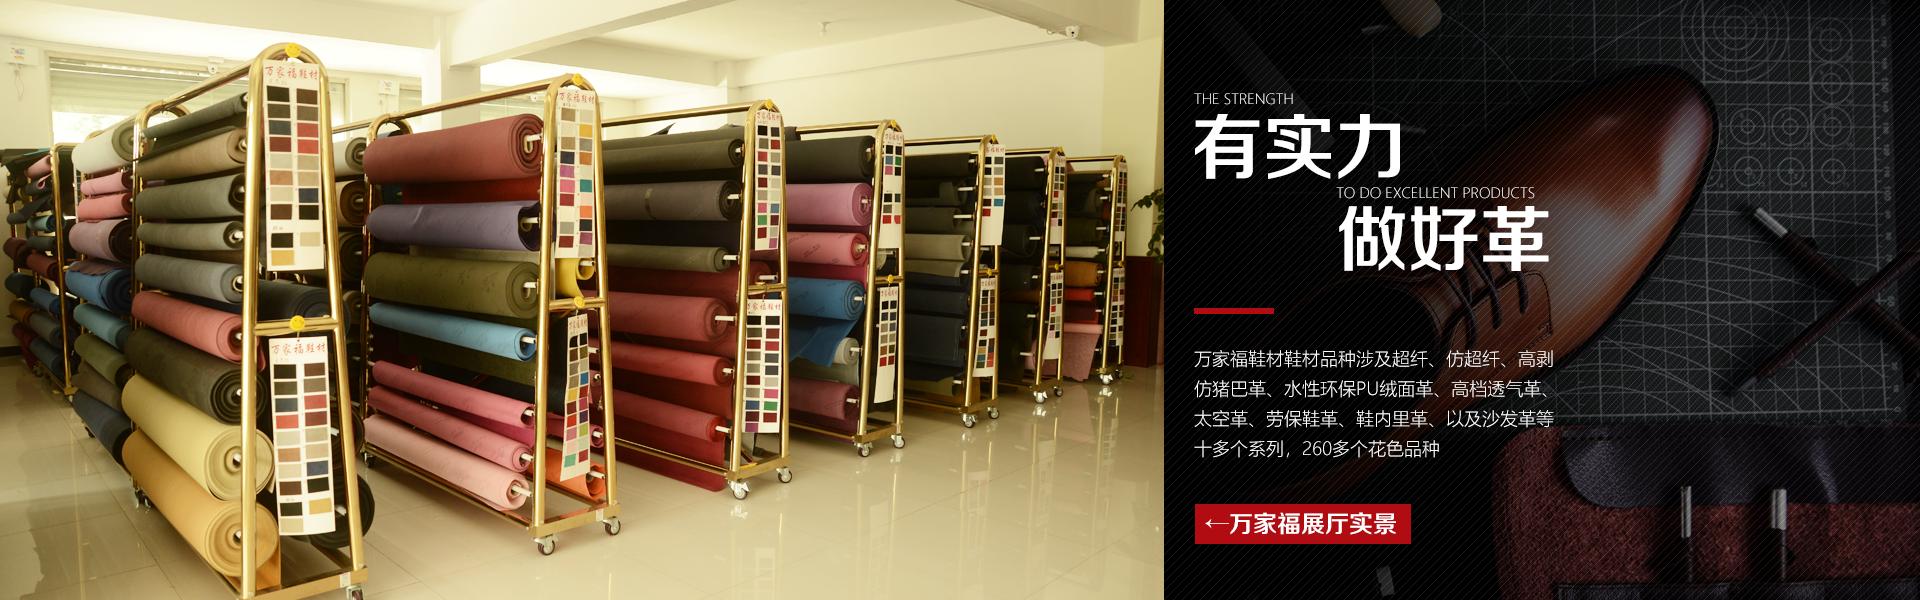 沂南县万家福鞋材销售中心